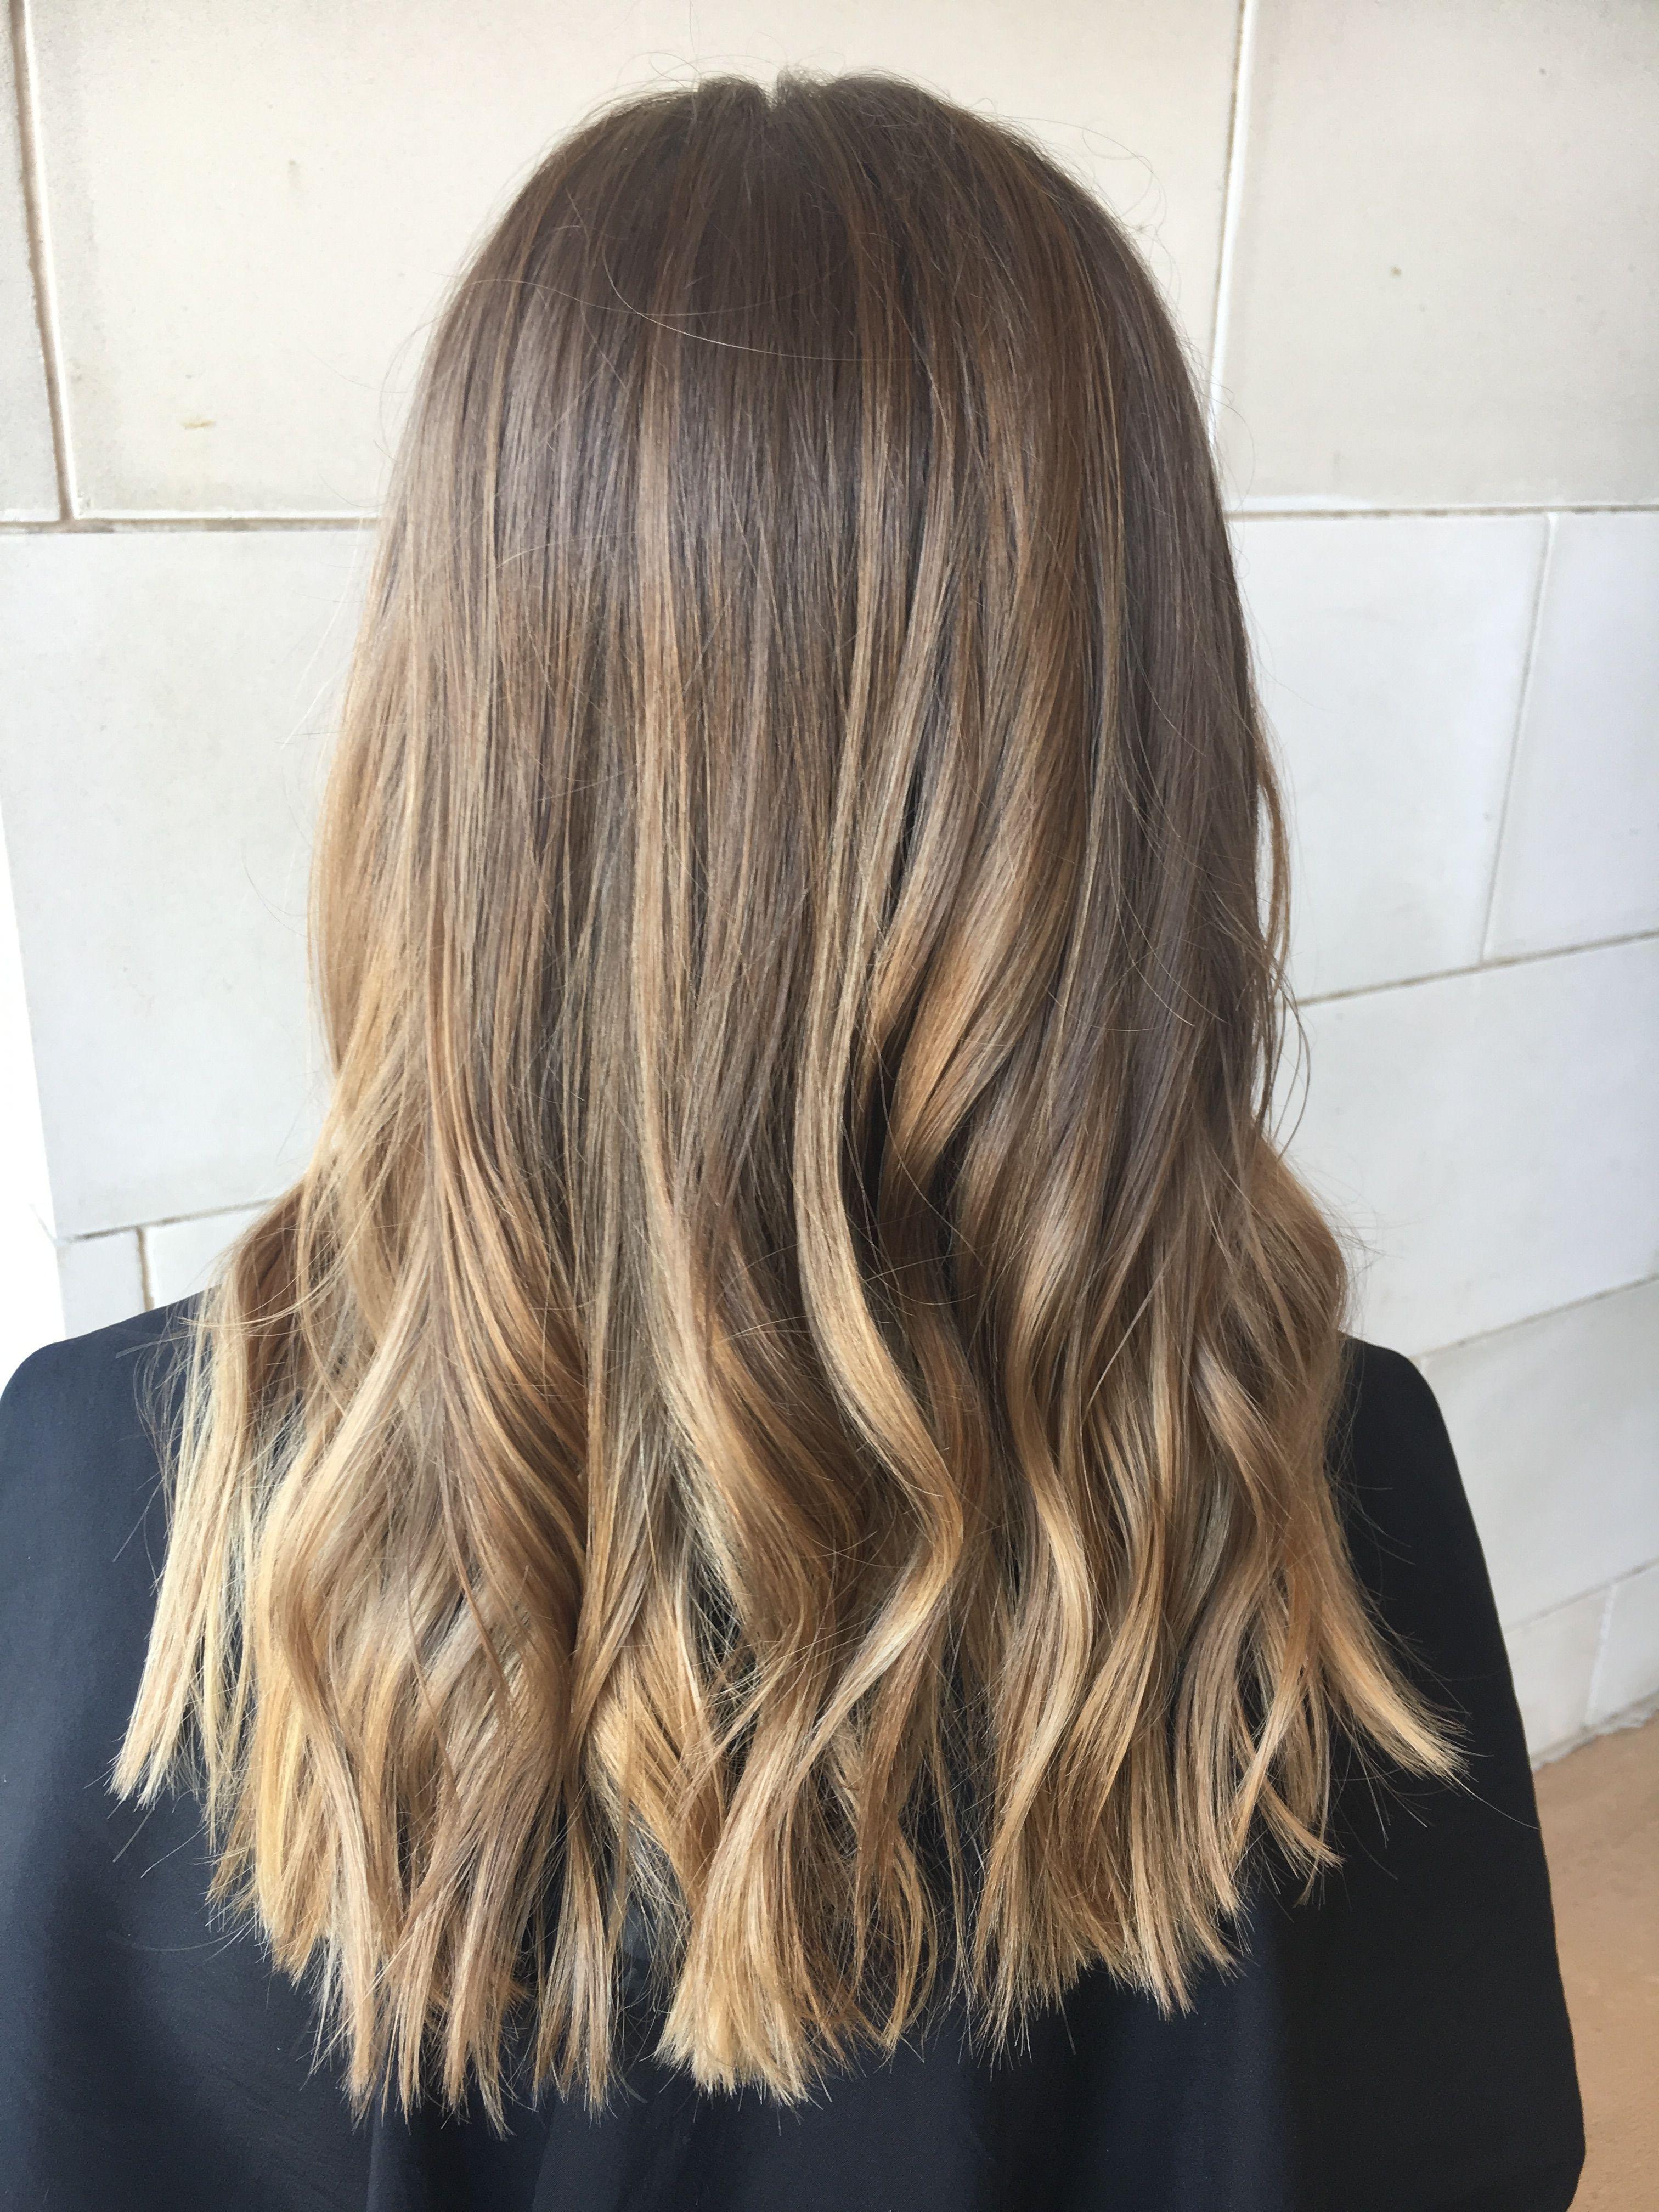 Balayage Light Brown And Blonde Medium Length Hair Balayage Hair Blonde Short Light Br In 2020 Medium Length Hair Styles Medium Length Blonde Hair Ombre Hair Blonde